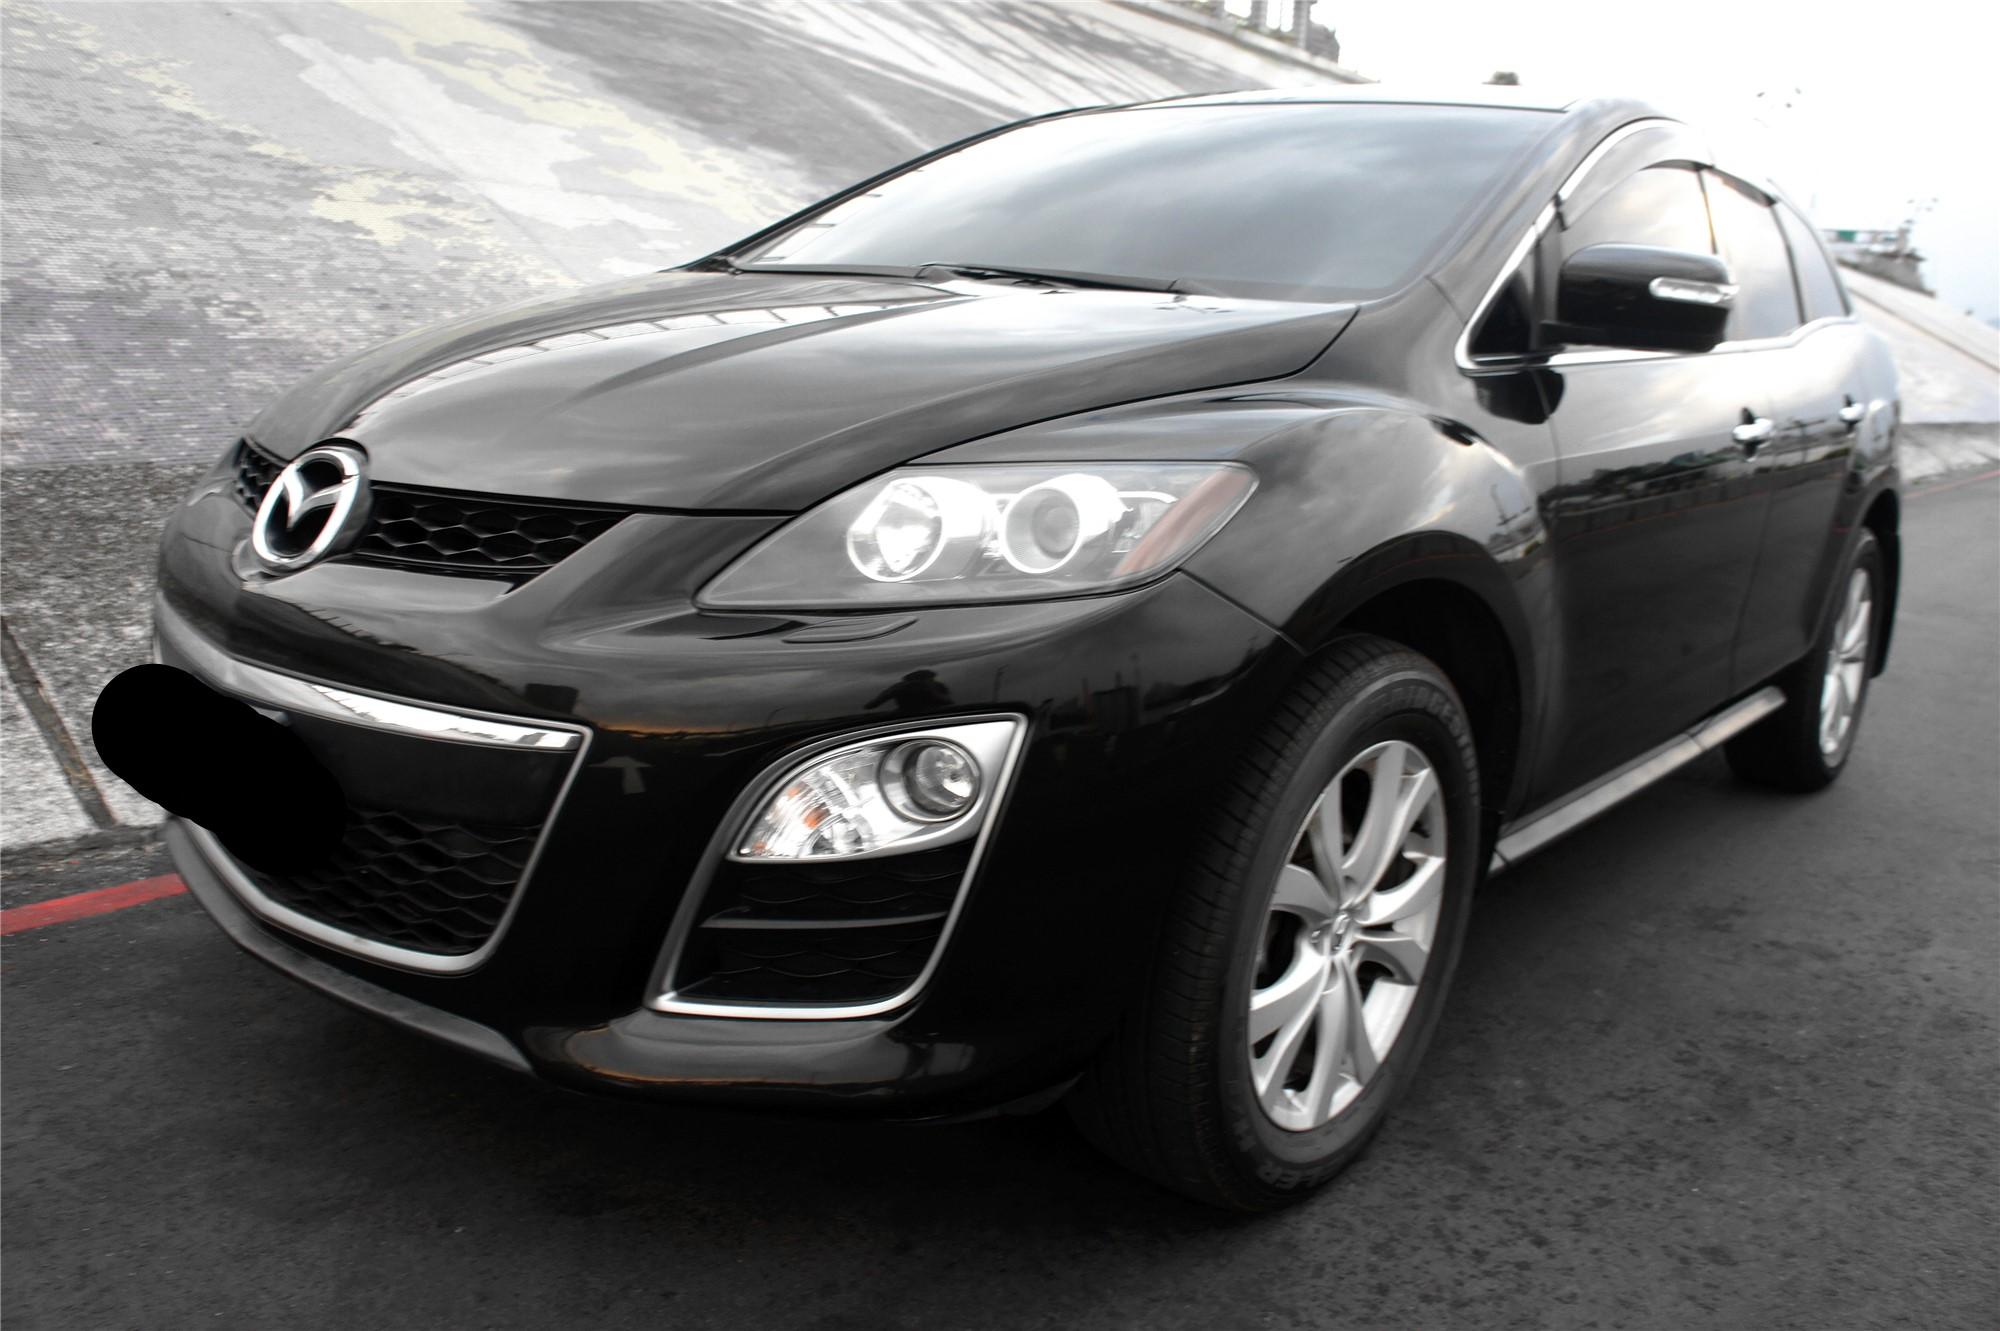 2010 Mazda 馬自達 Cx-7